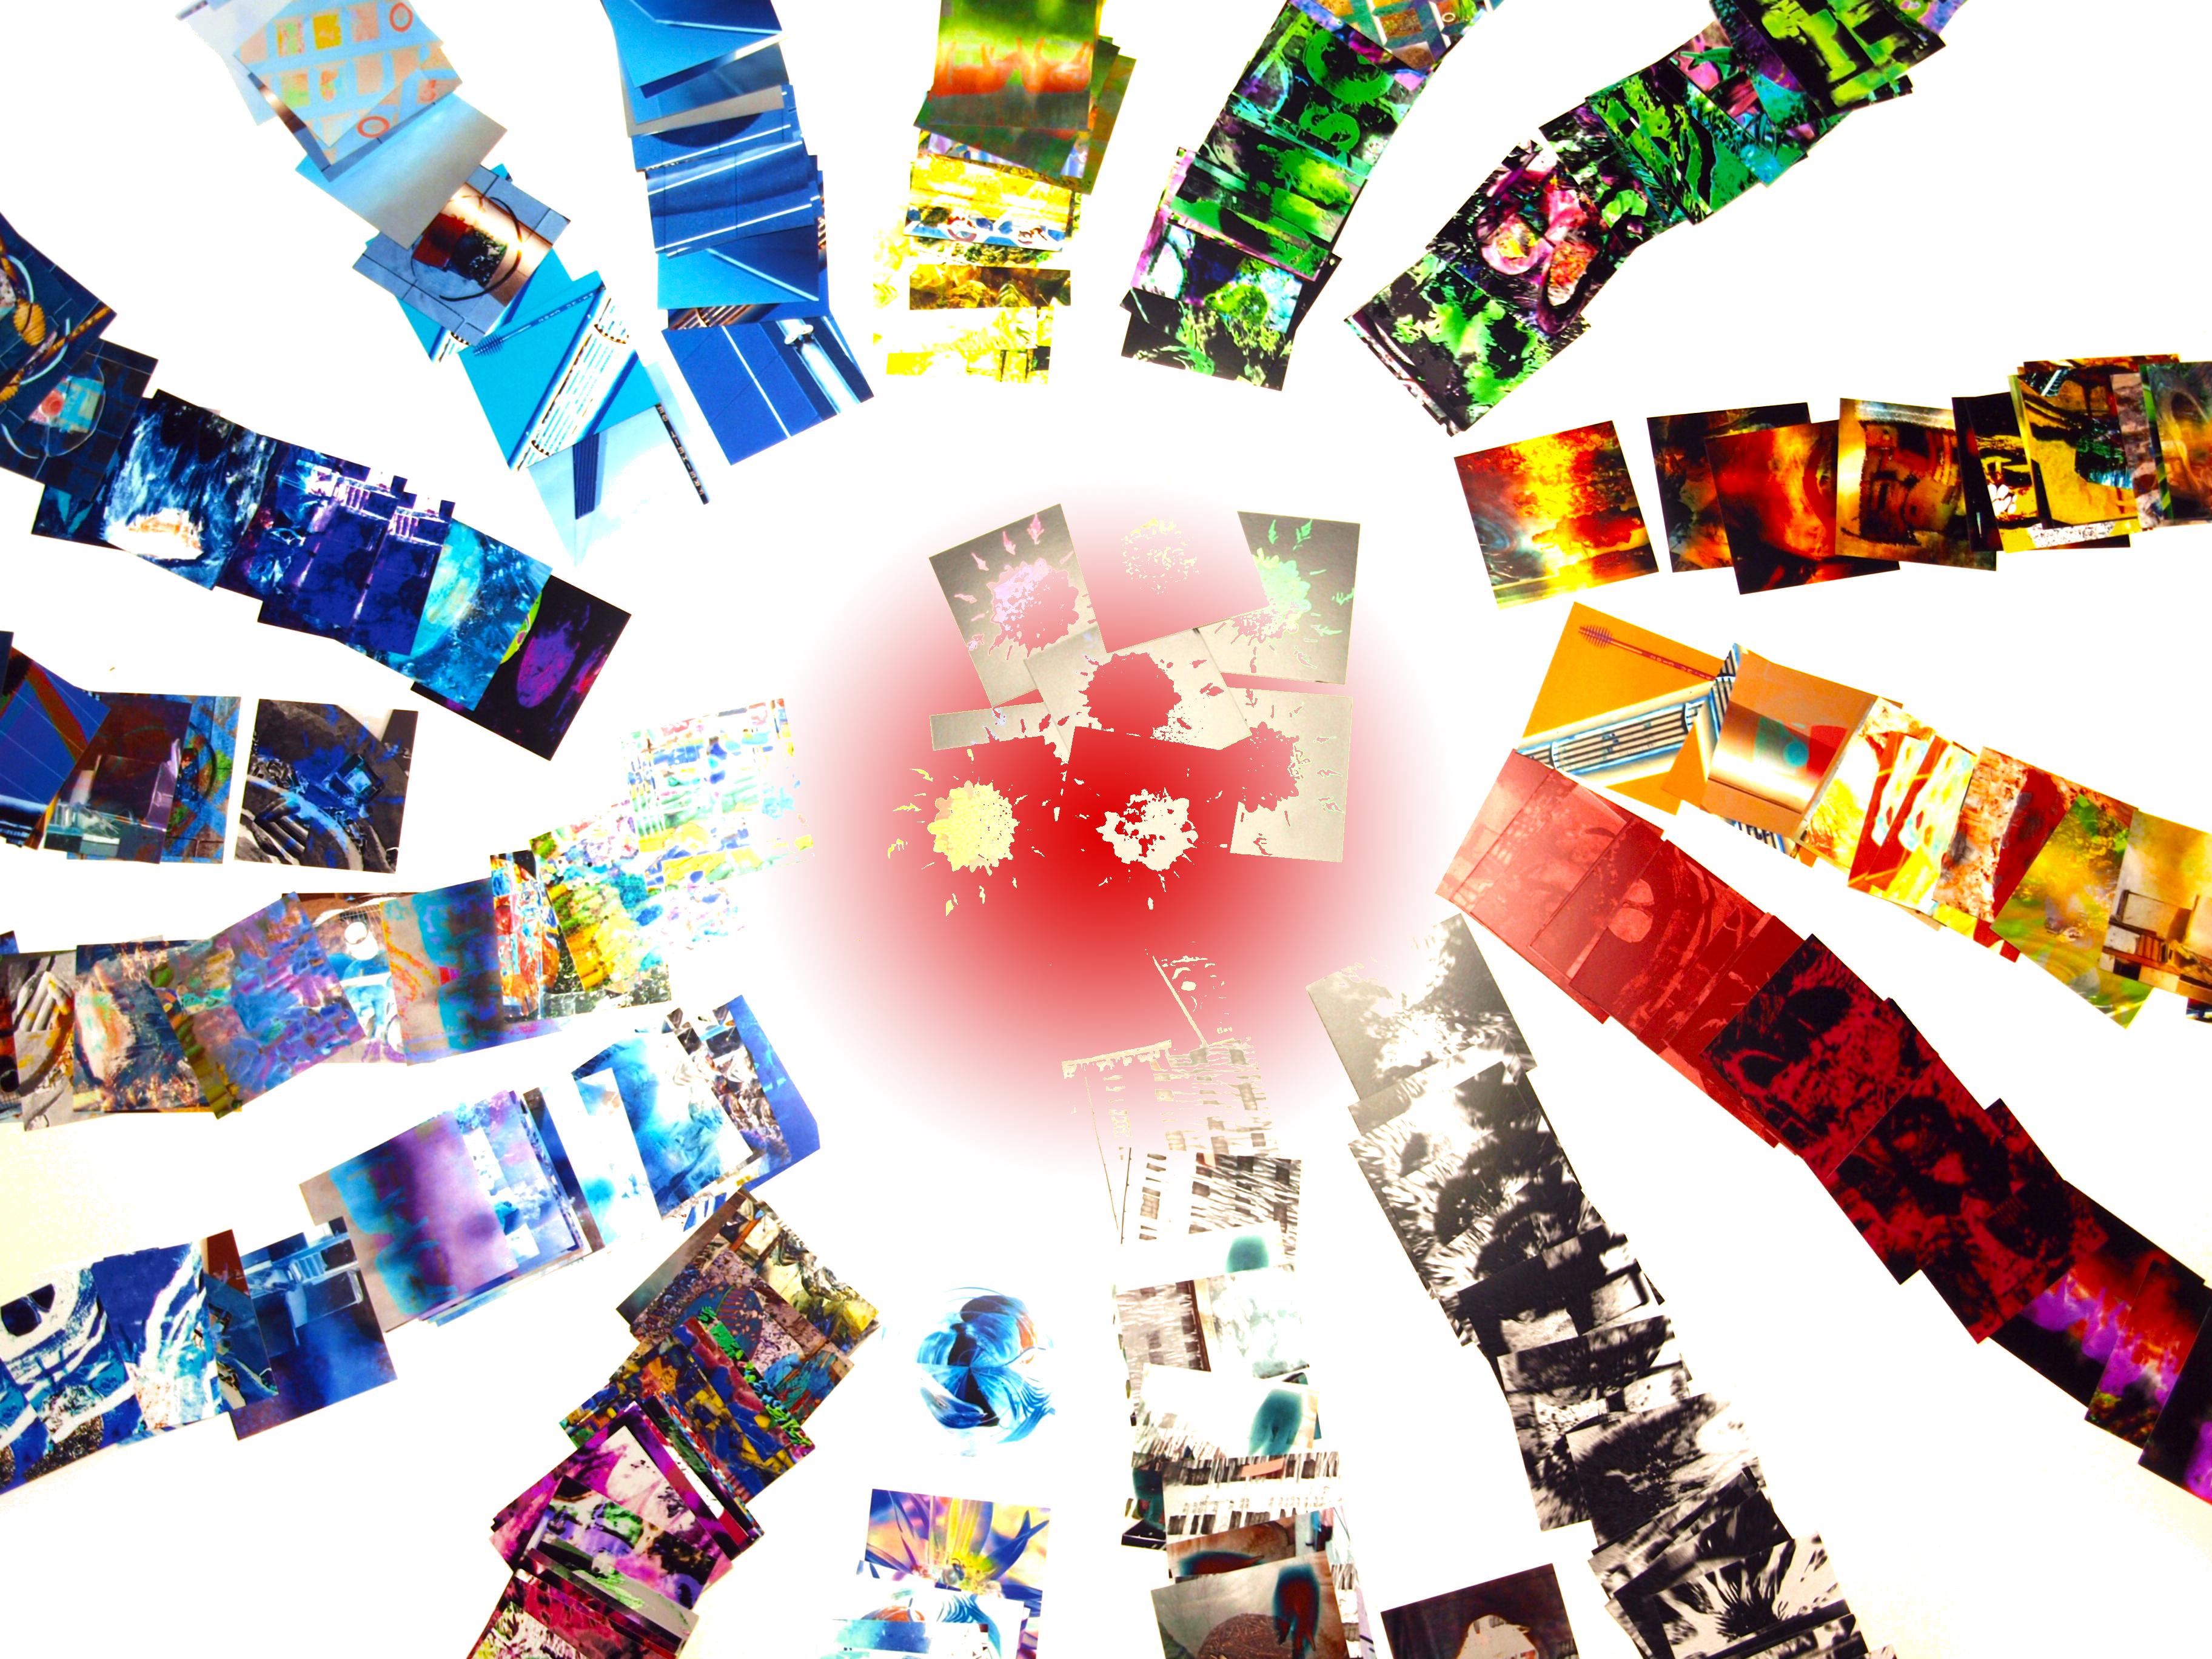 Aus bearbeiteten Fotoausschnitte mit energy-in-art Motiven entstand ein neues Kunstwerk.